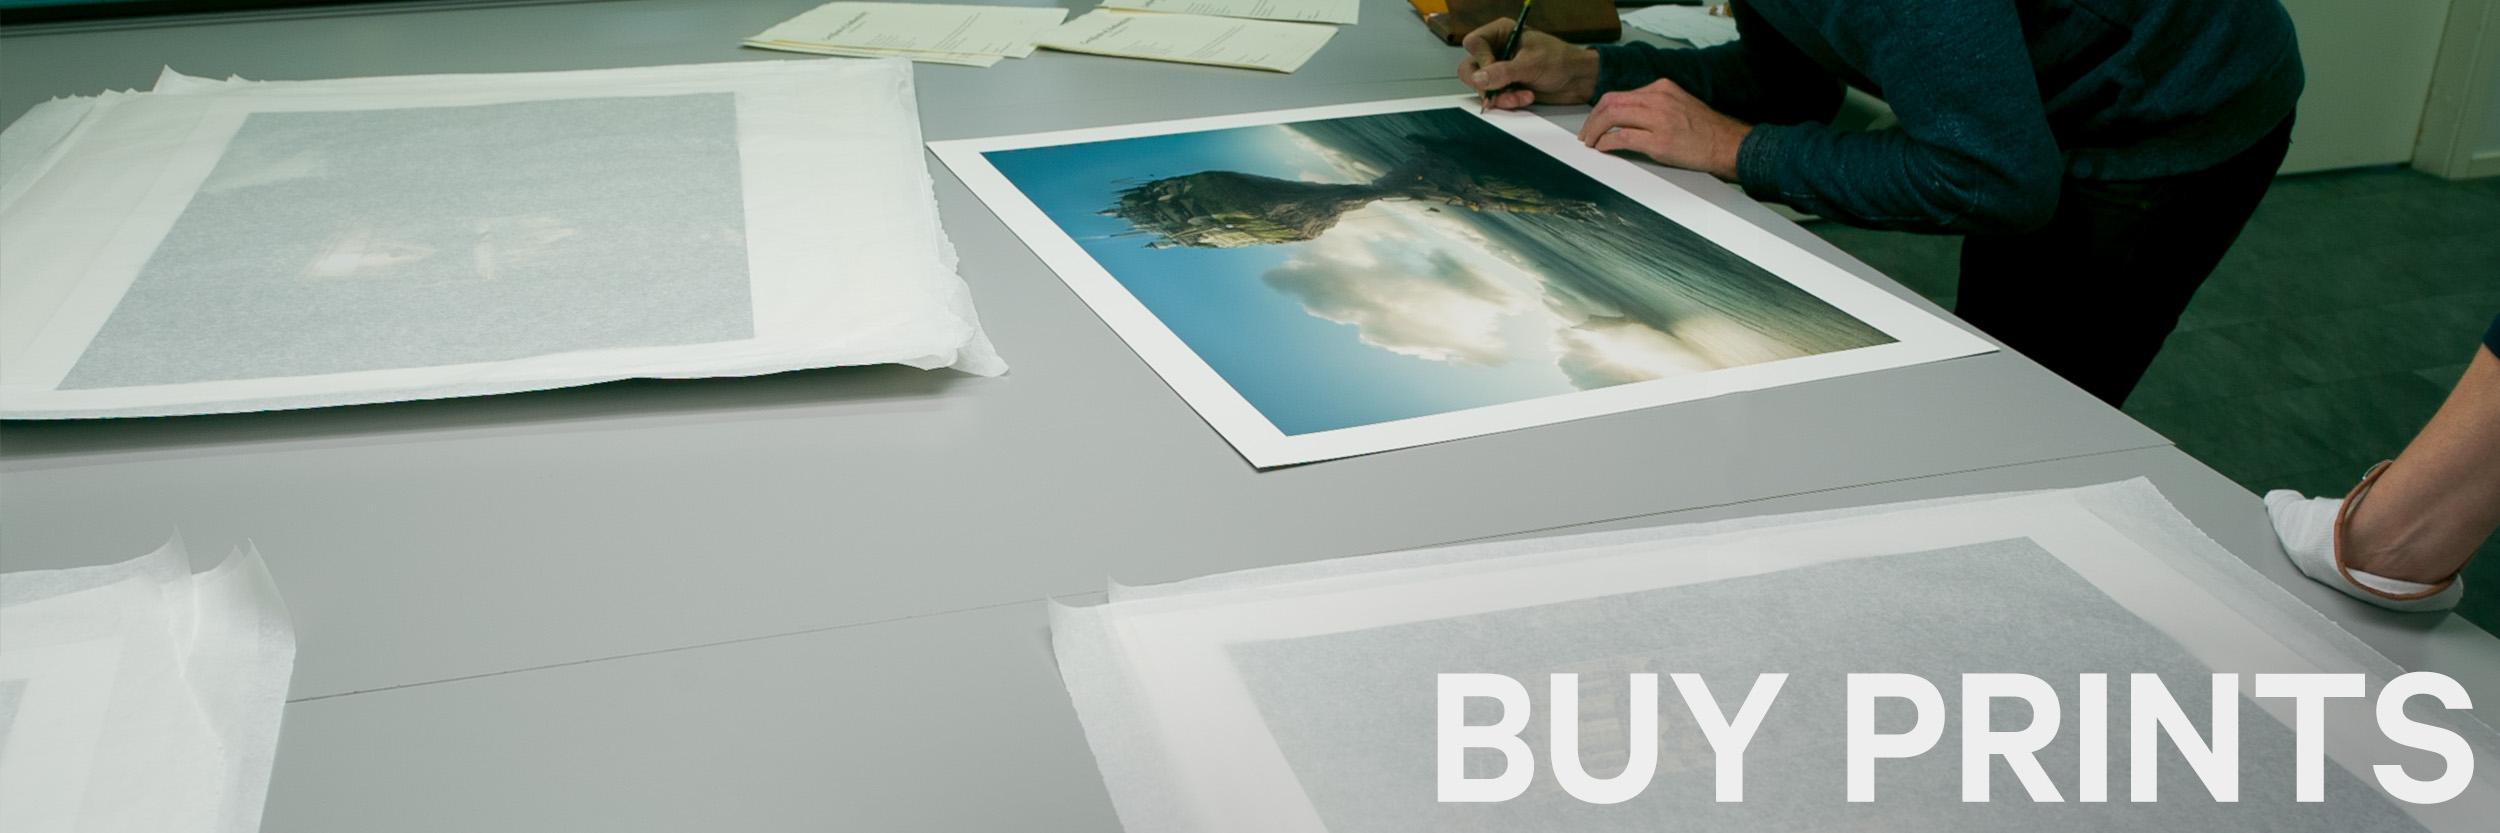 buyprint_banner5.jpg